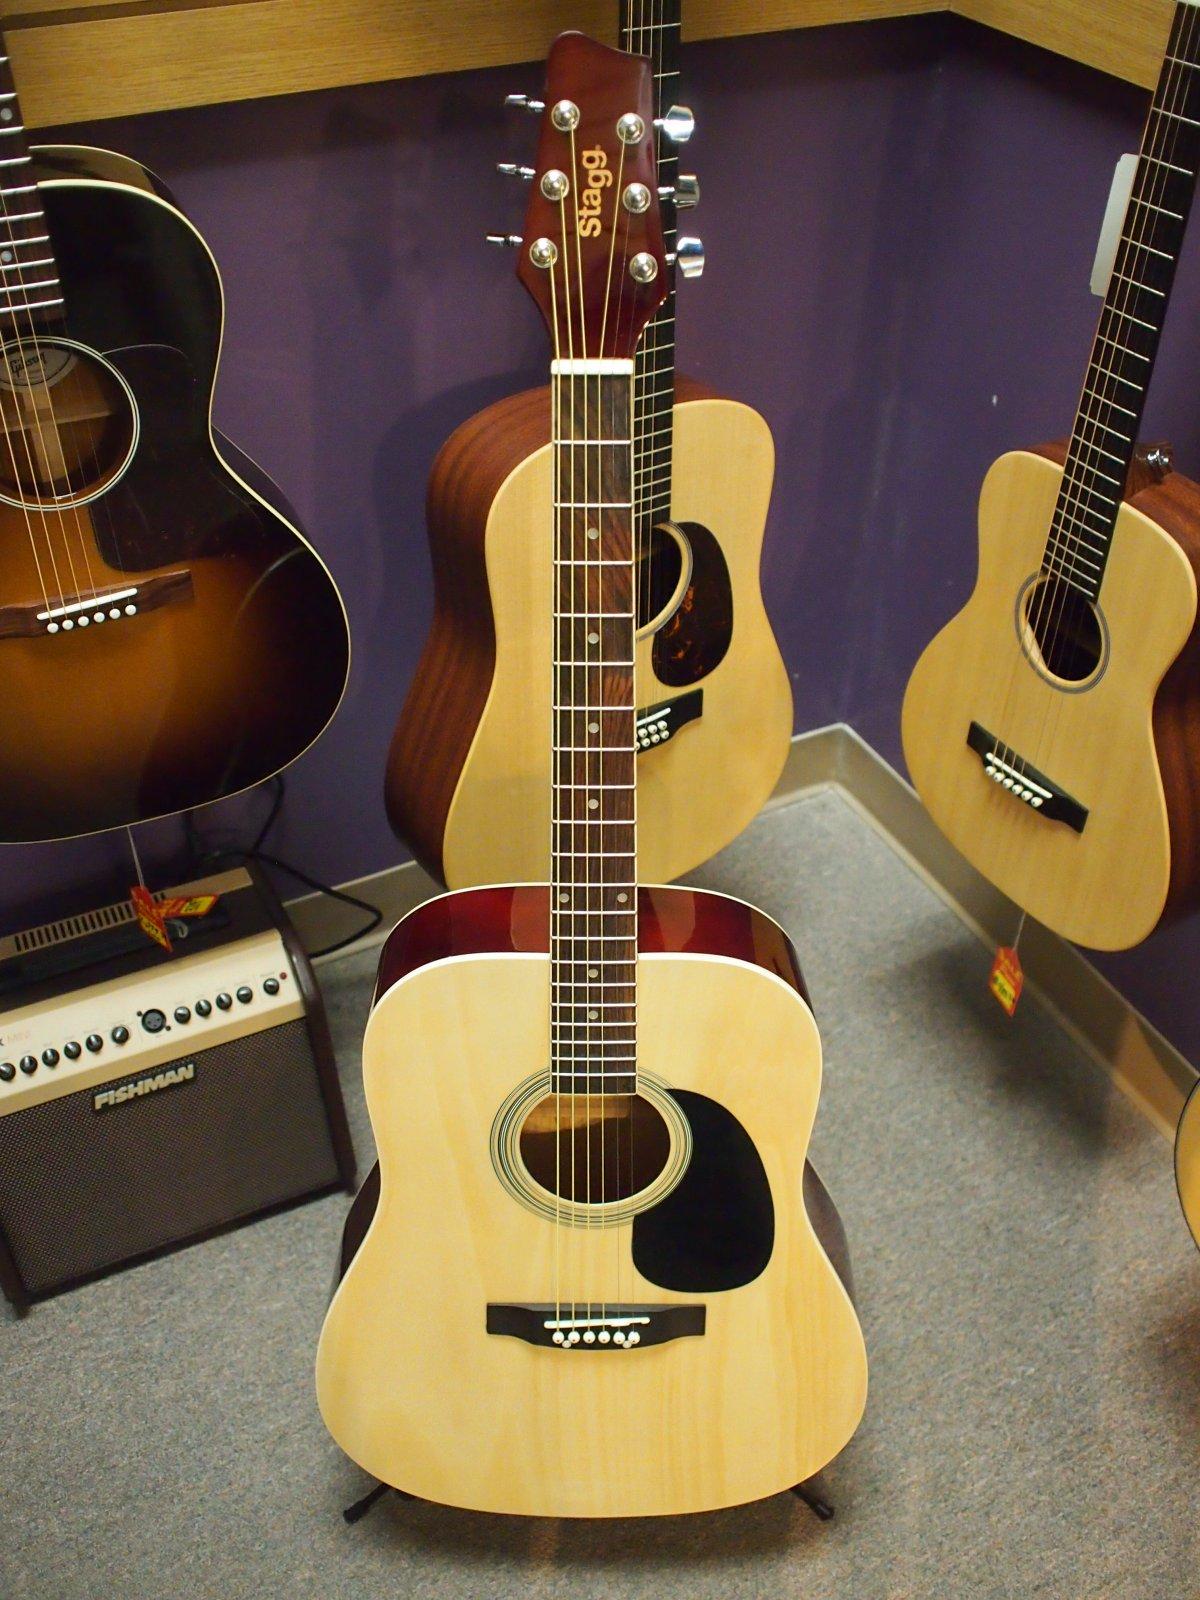 Big Apple Music Acoustic Guitar - Natural